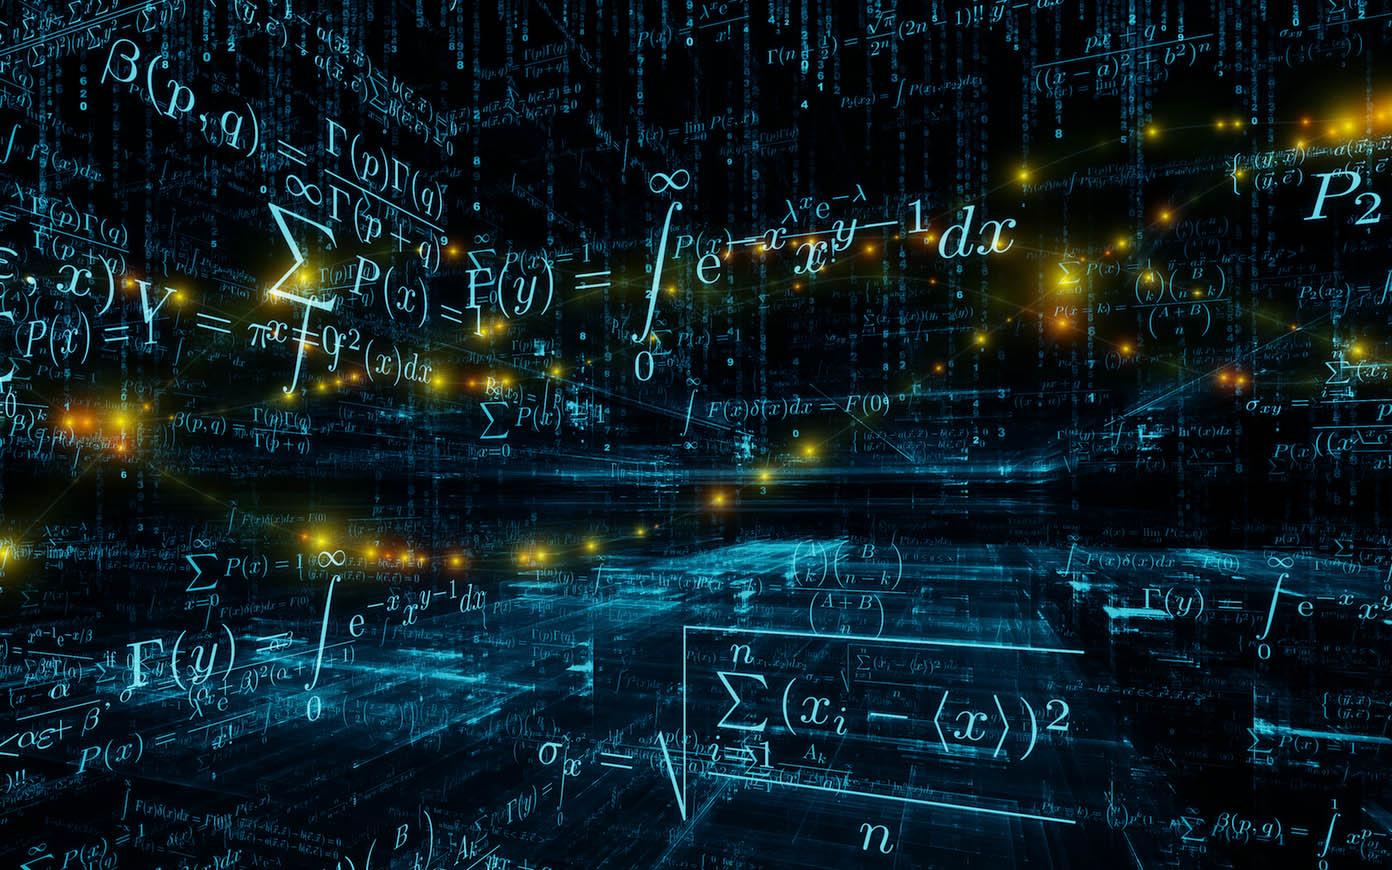 matematica_per_le_applicazioni_economiche_e_finanziarie_per_economia_e_commercio_1533635710.png